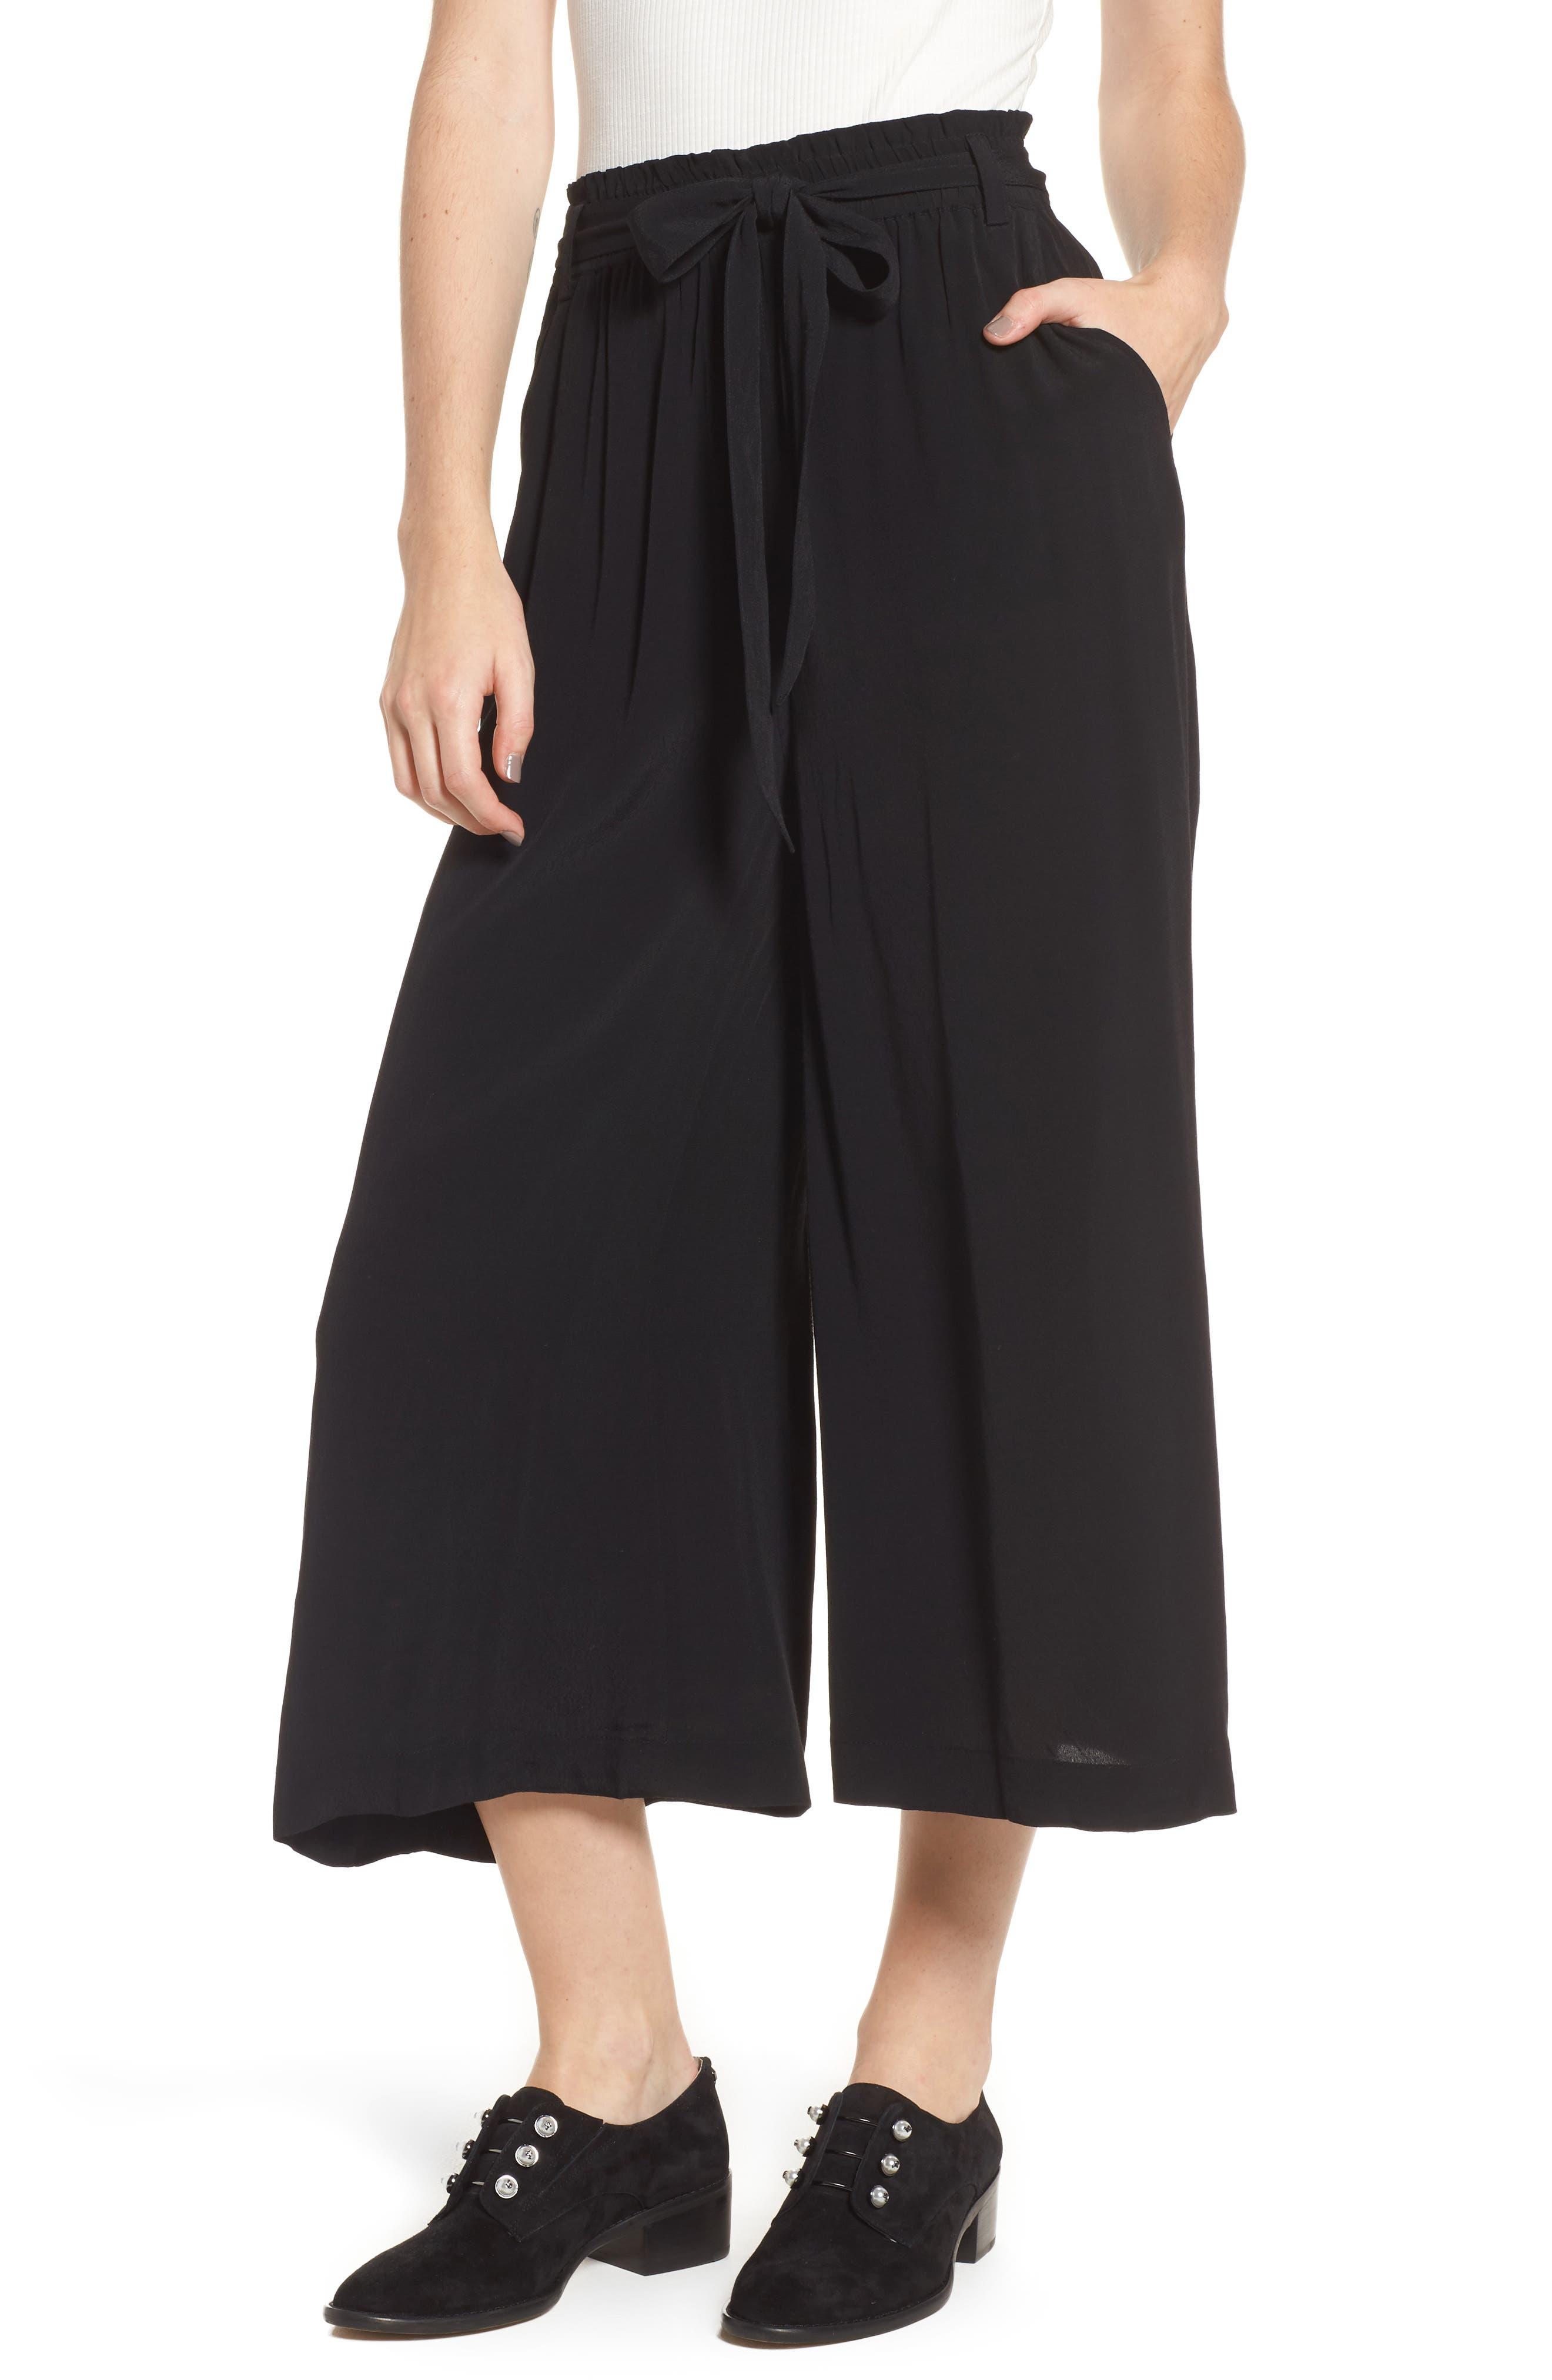 Alternate Image 1 Selected - BP. Tie Waist Crop Pants